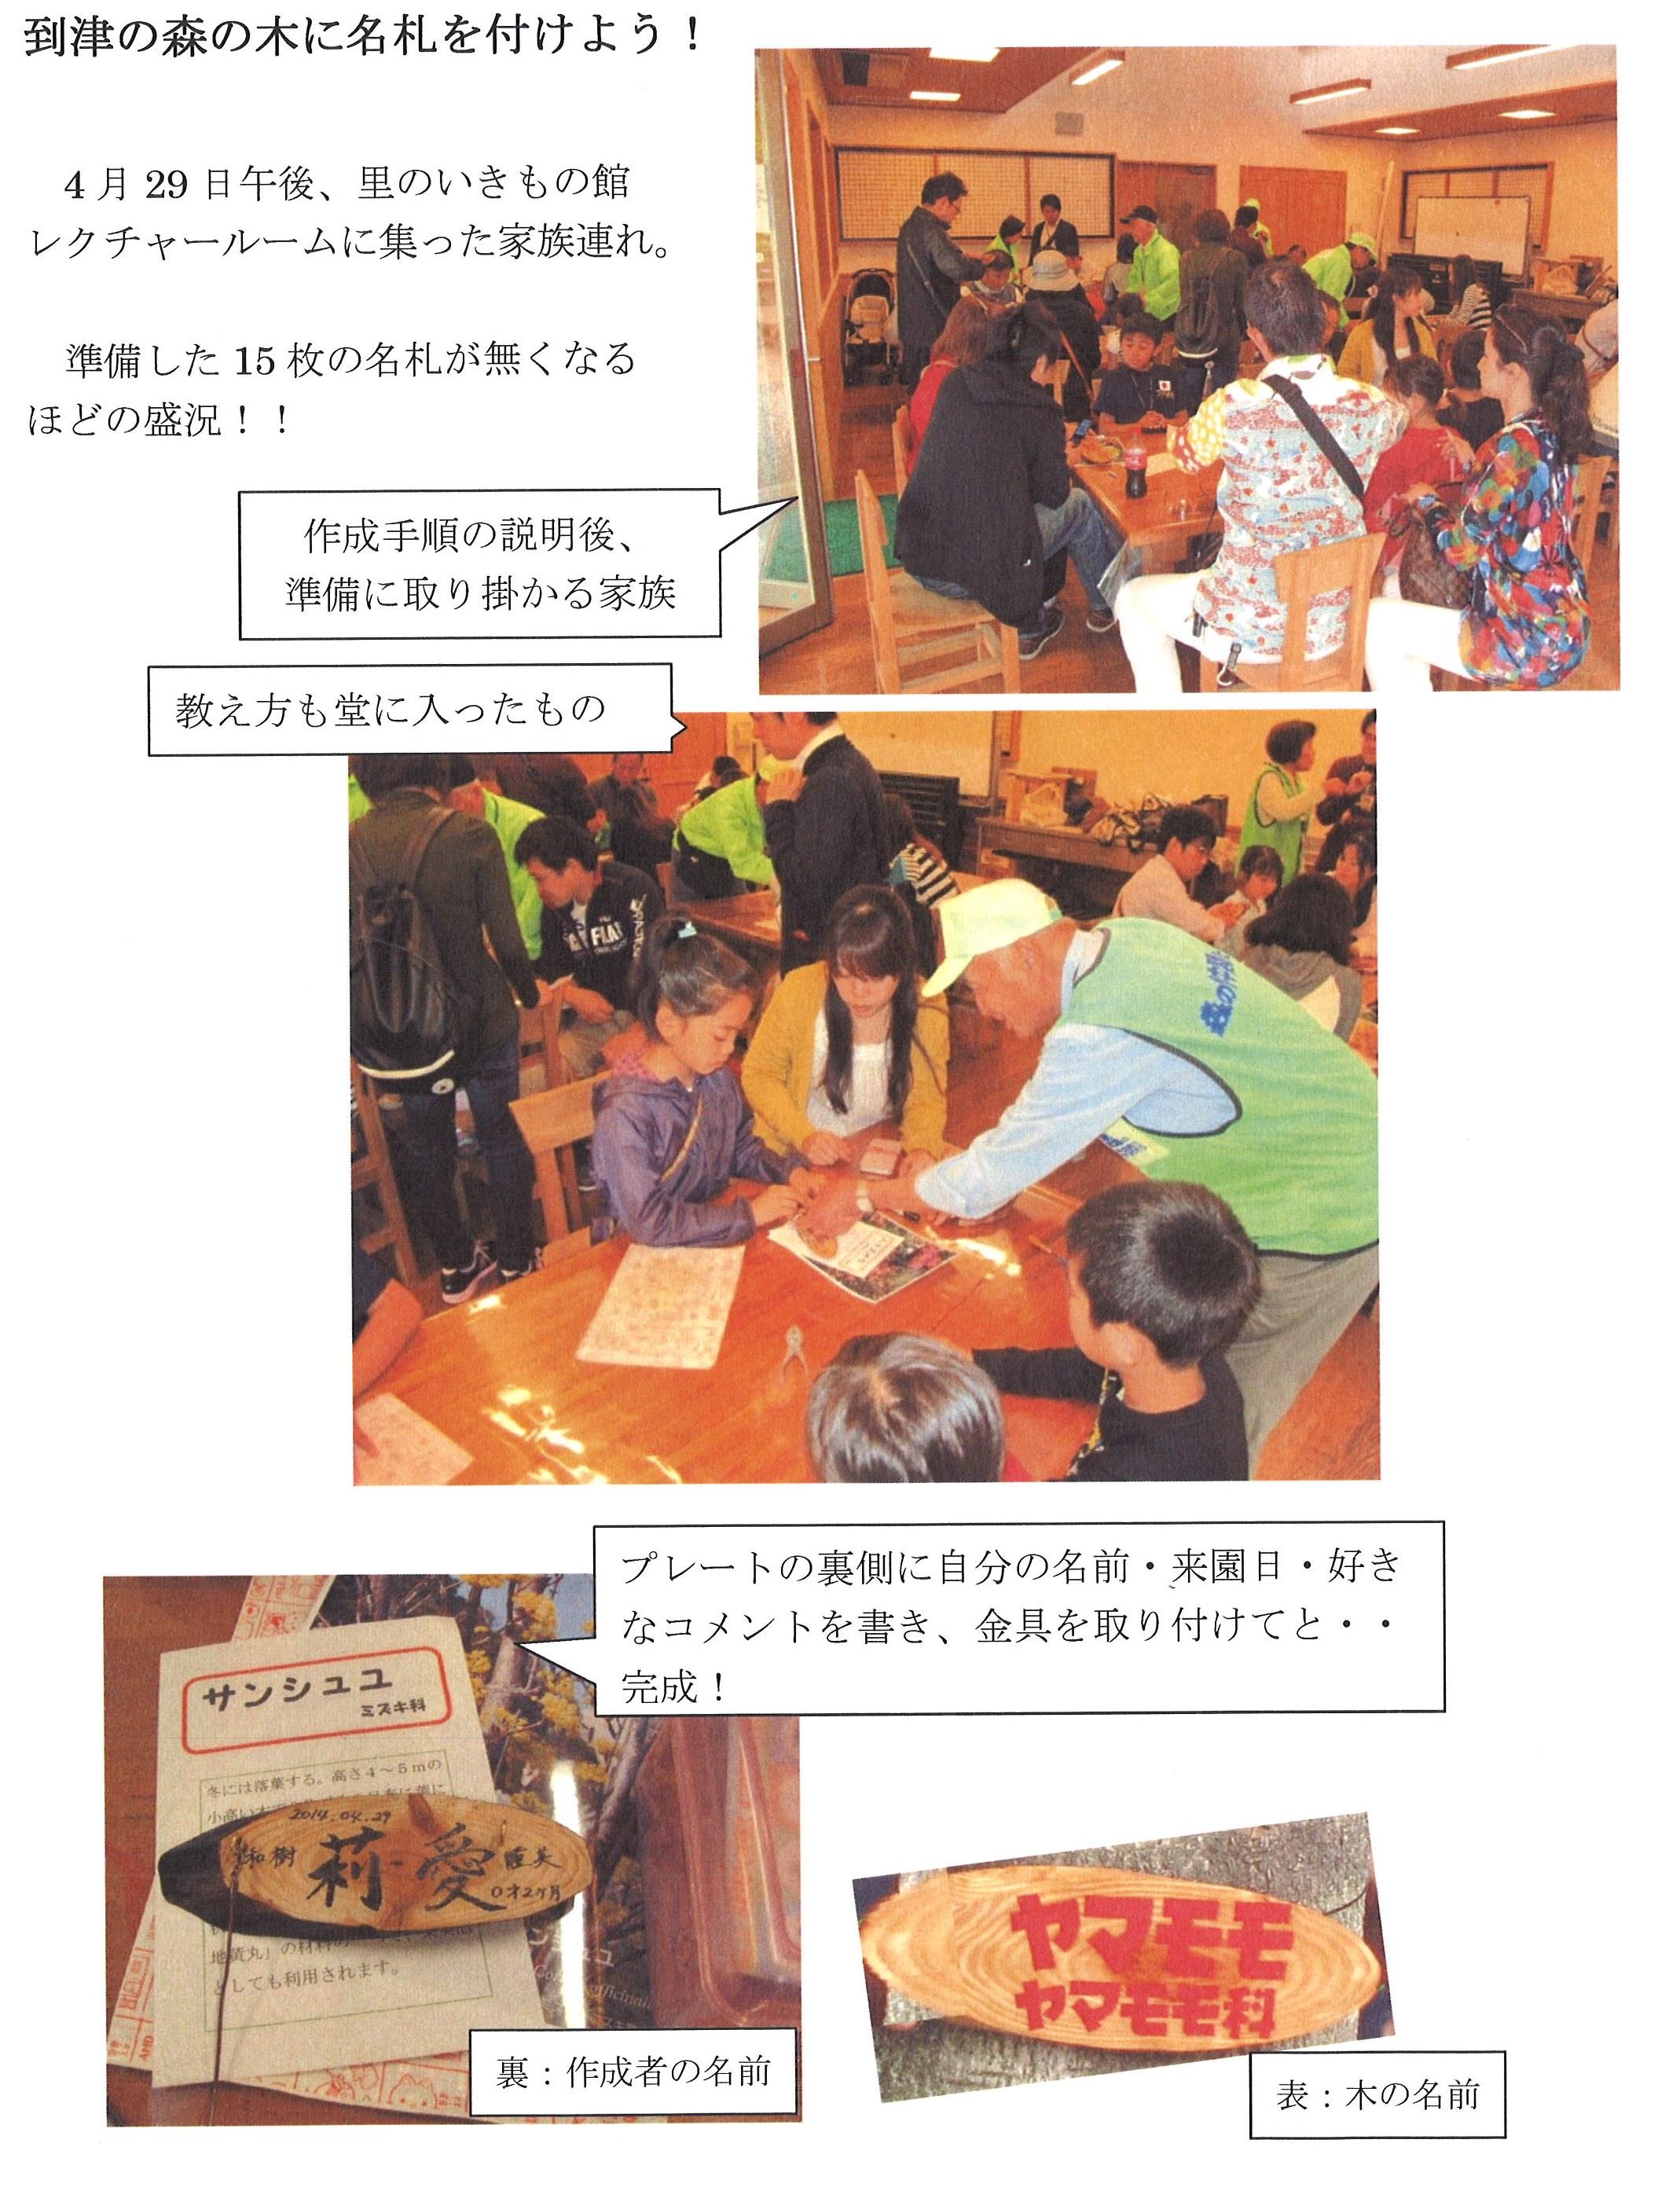 20140611_森の仲間たち_1.jpg